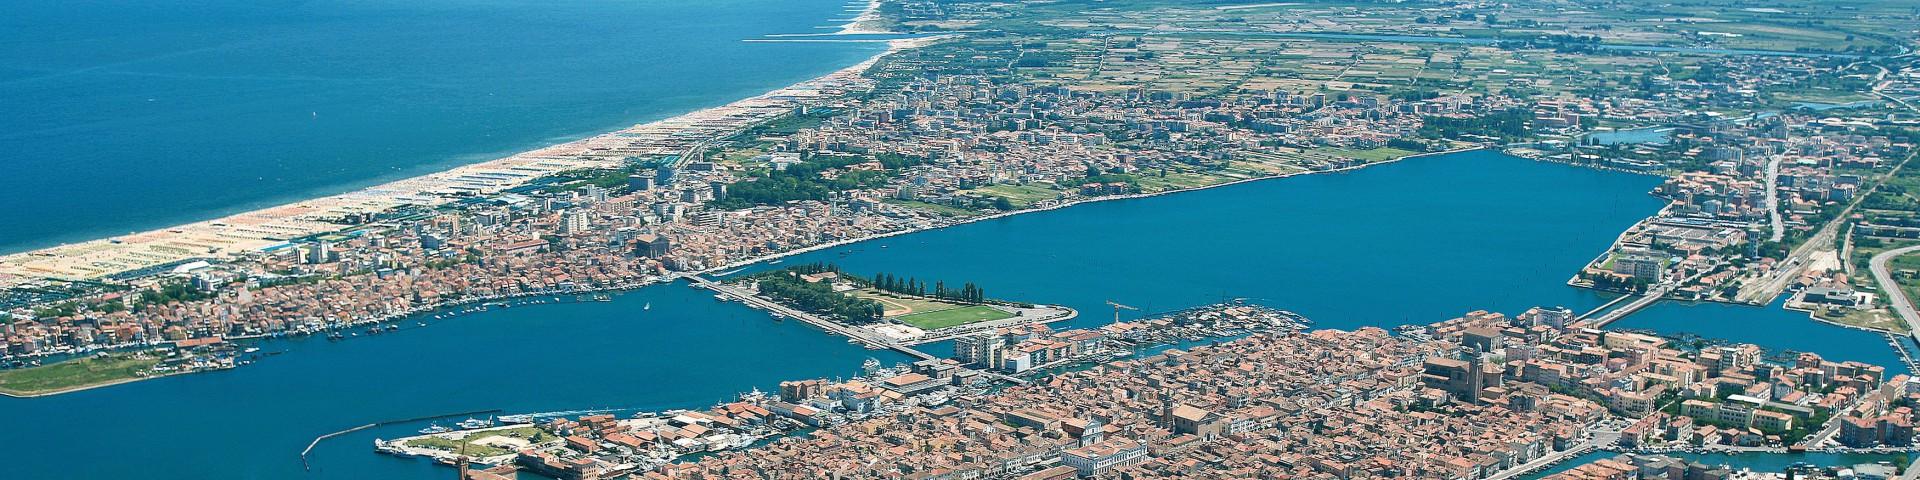 Sottomarina a Chioggia